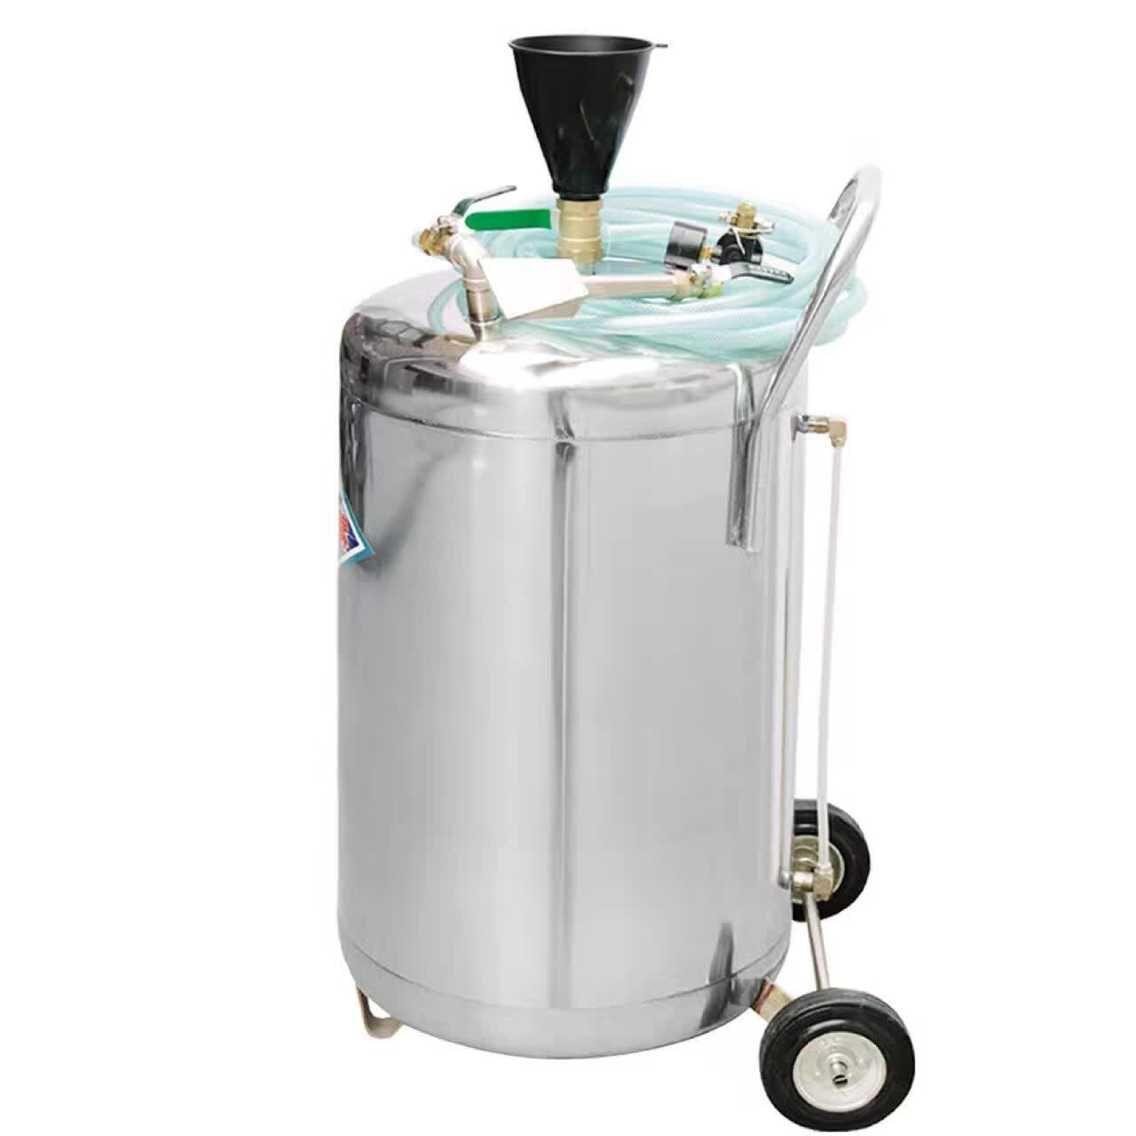 Máy giặt xe bọc thép không rỉ 304 Thiết bị giặt xe đặc biệt